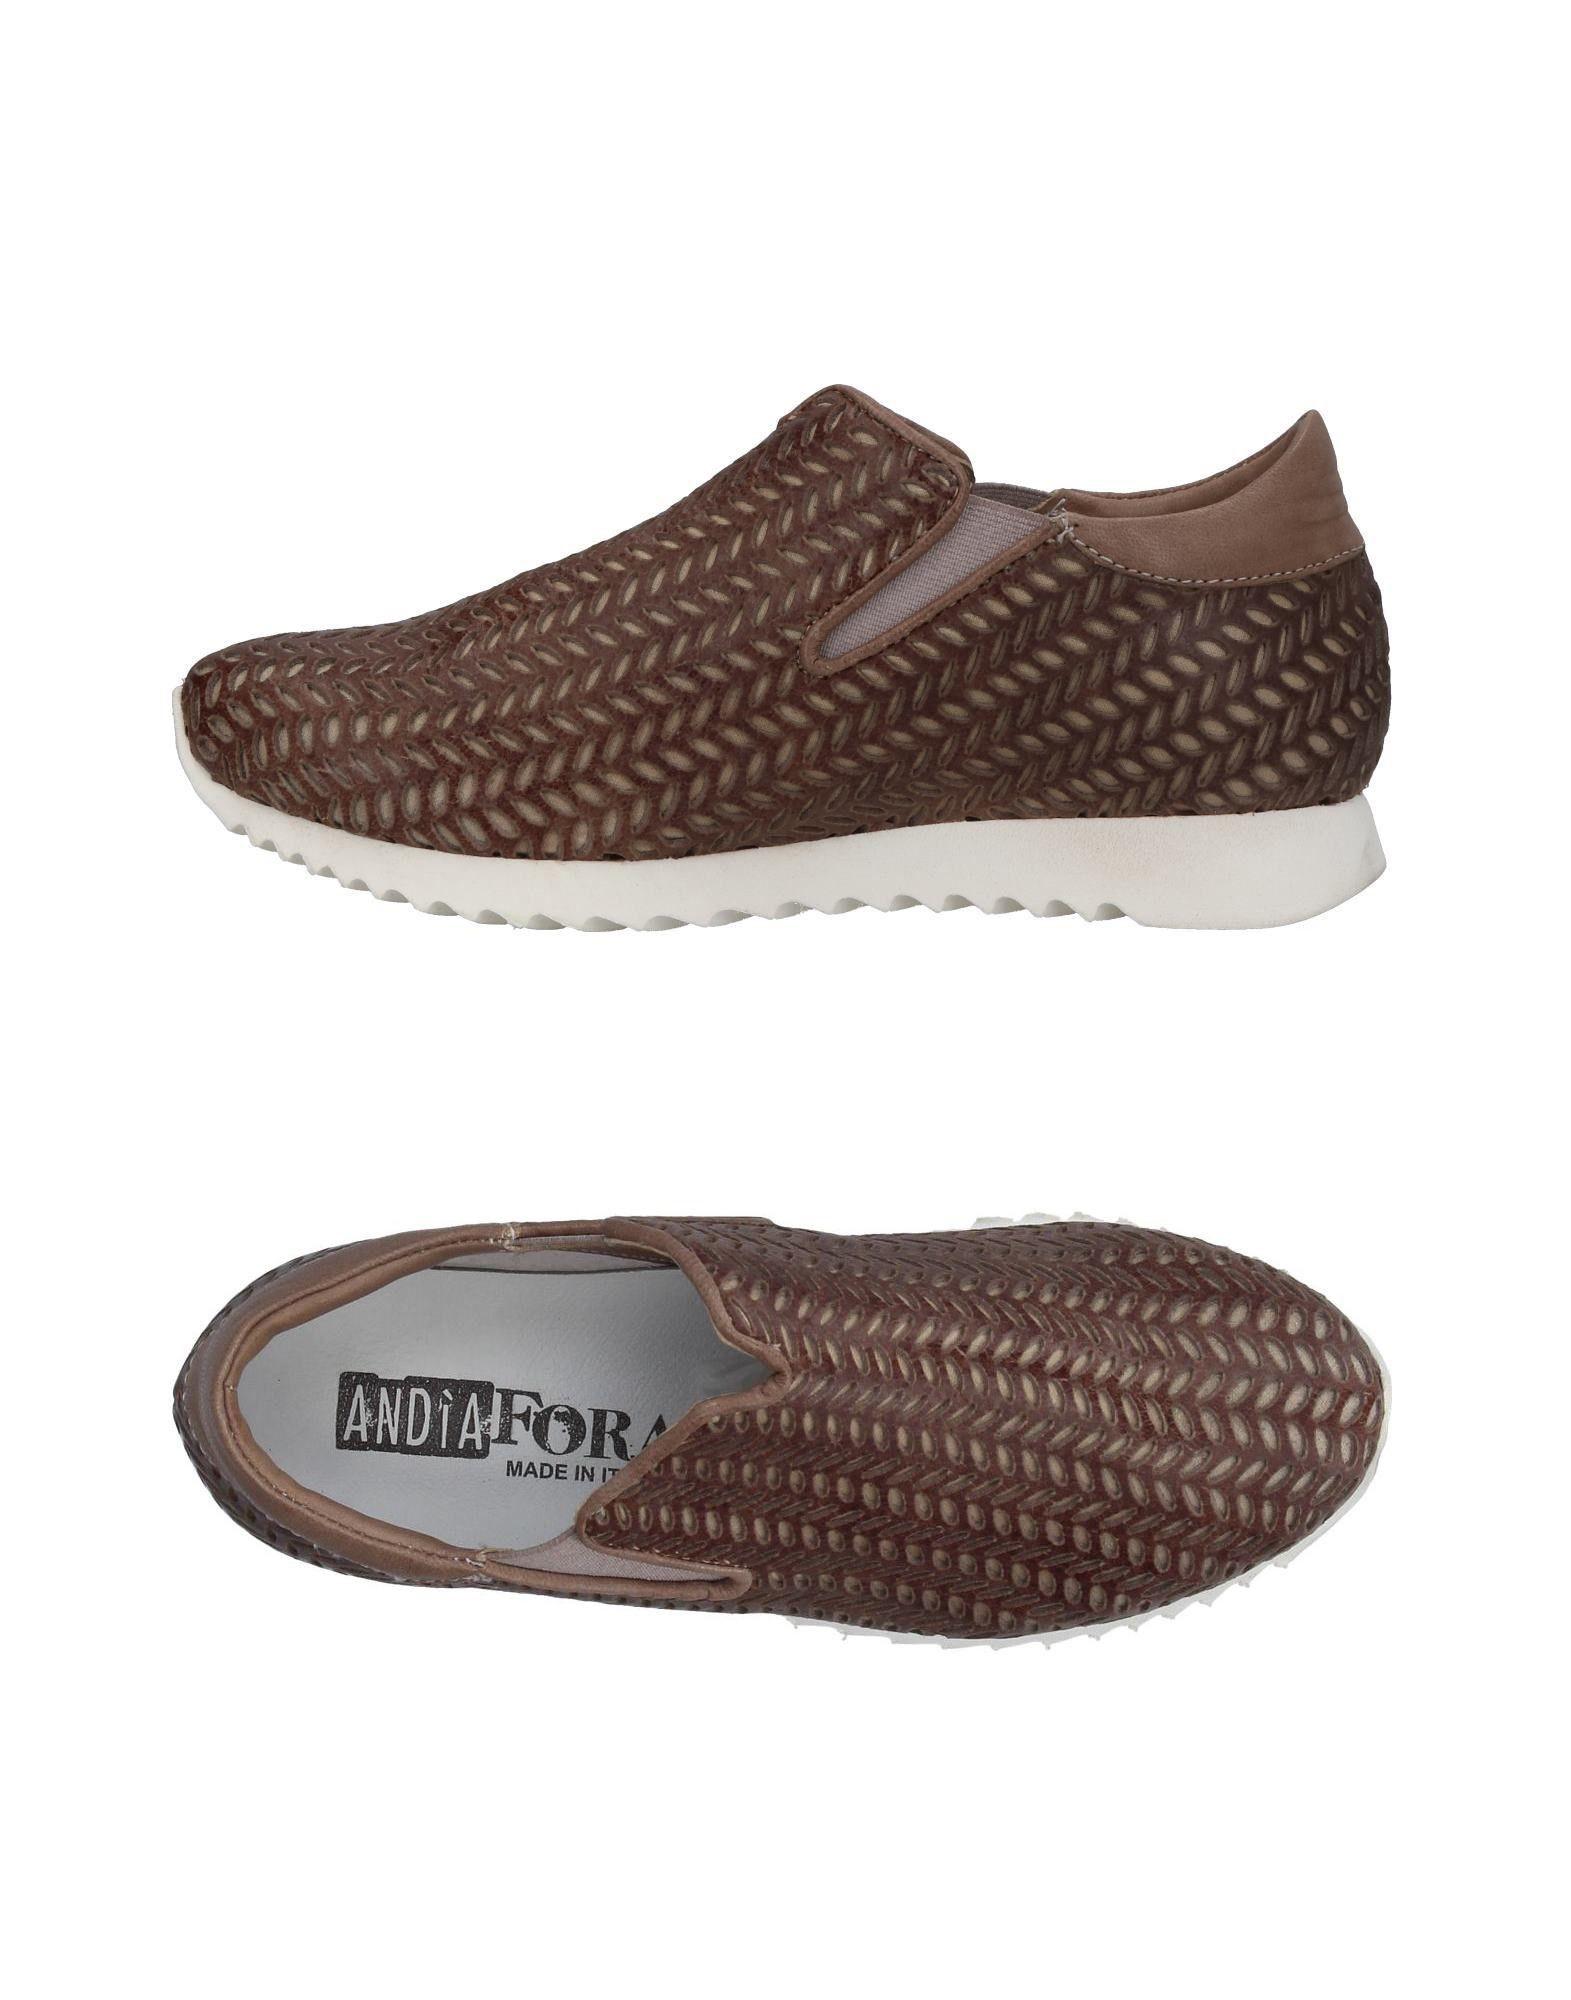 Andìa Fora Sneakers Damen  11395442JK Gute Qualität beliebte Schuhe